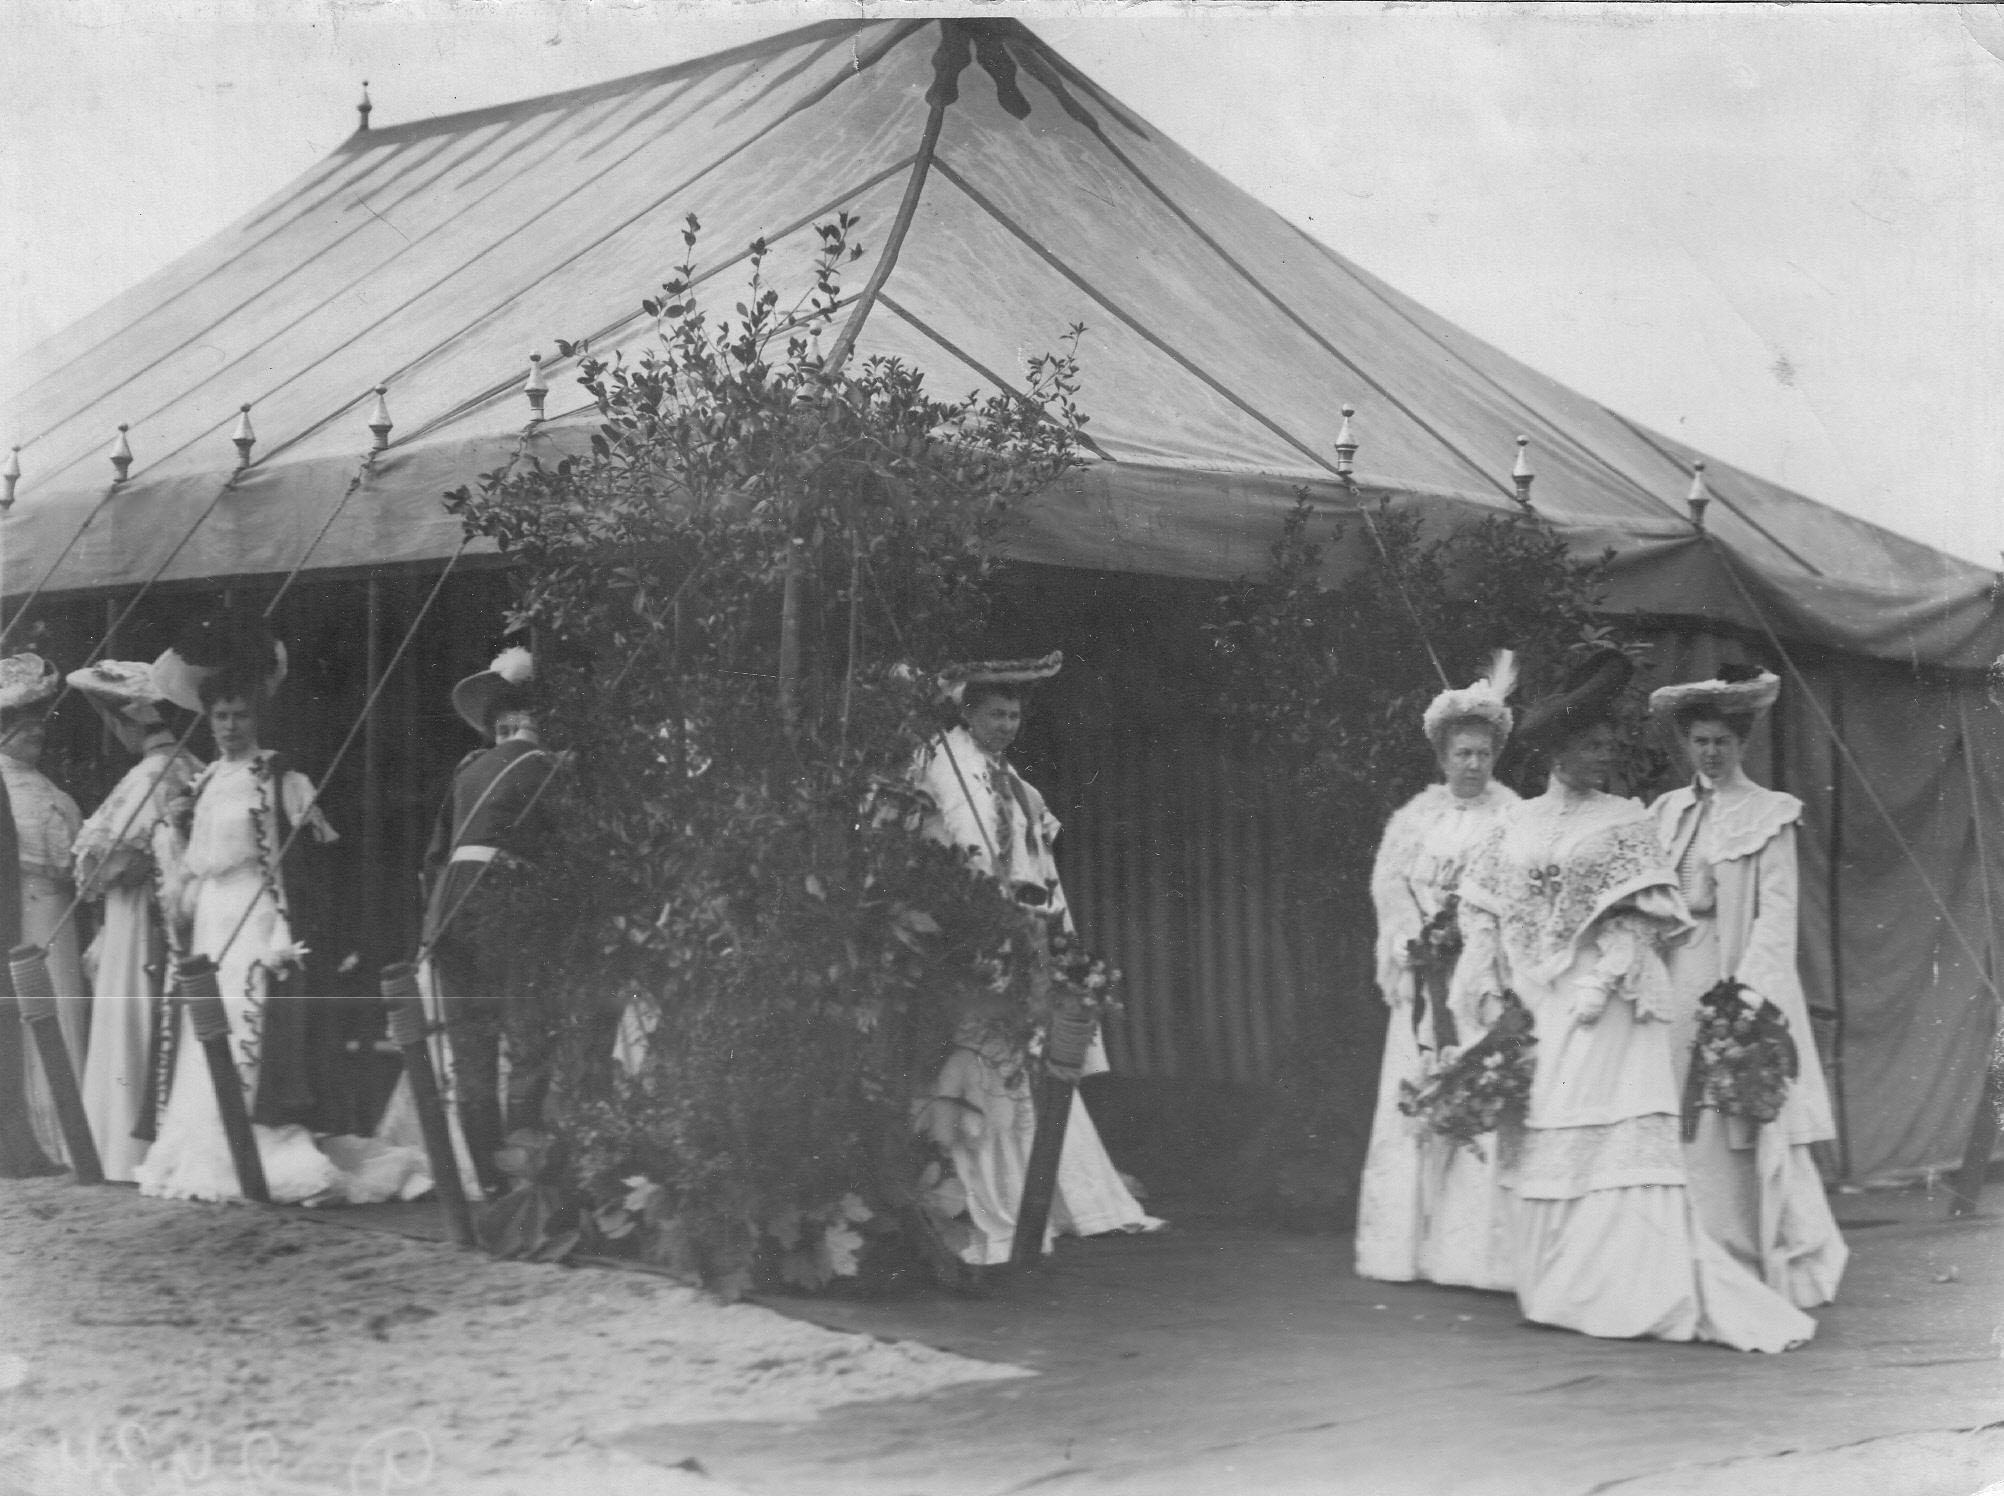 Жены офицеров полка у палатки во время празднования 250-летнего юбилея полка